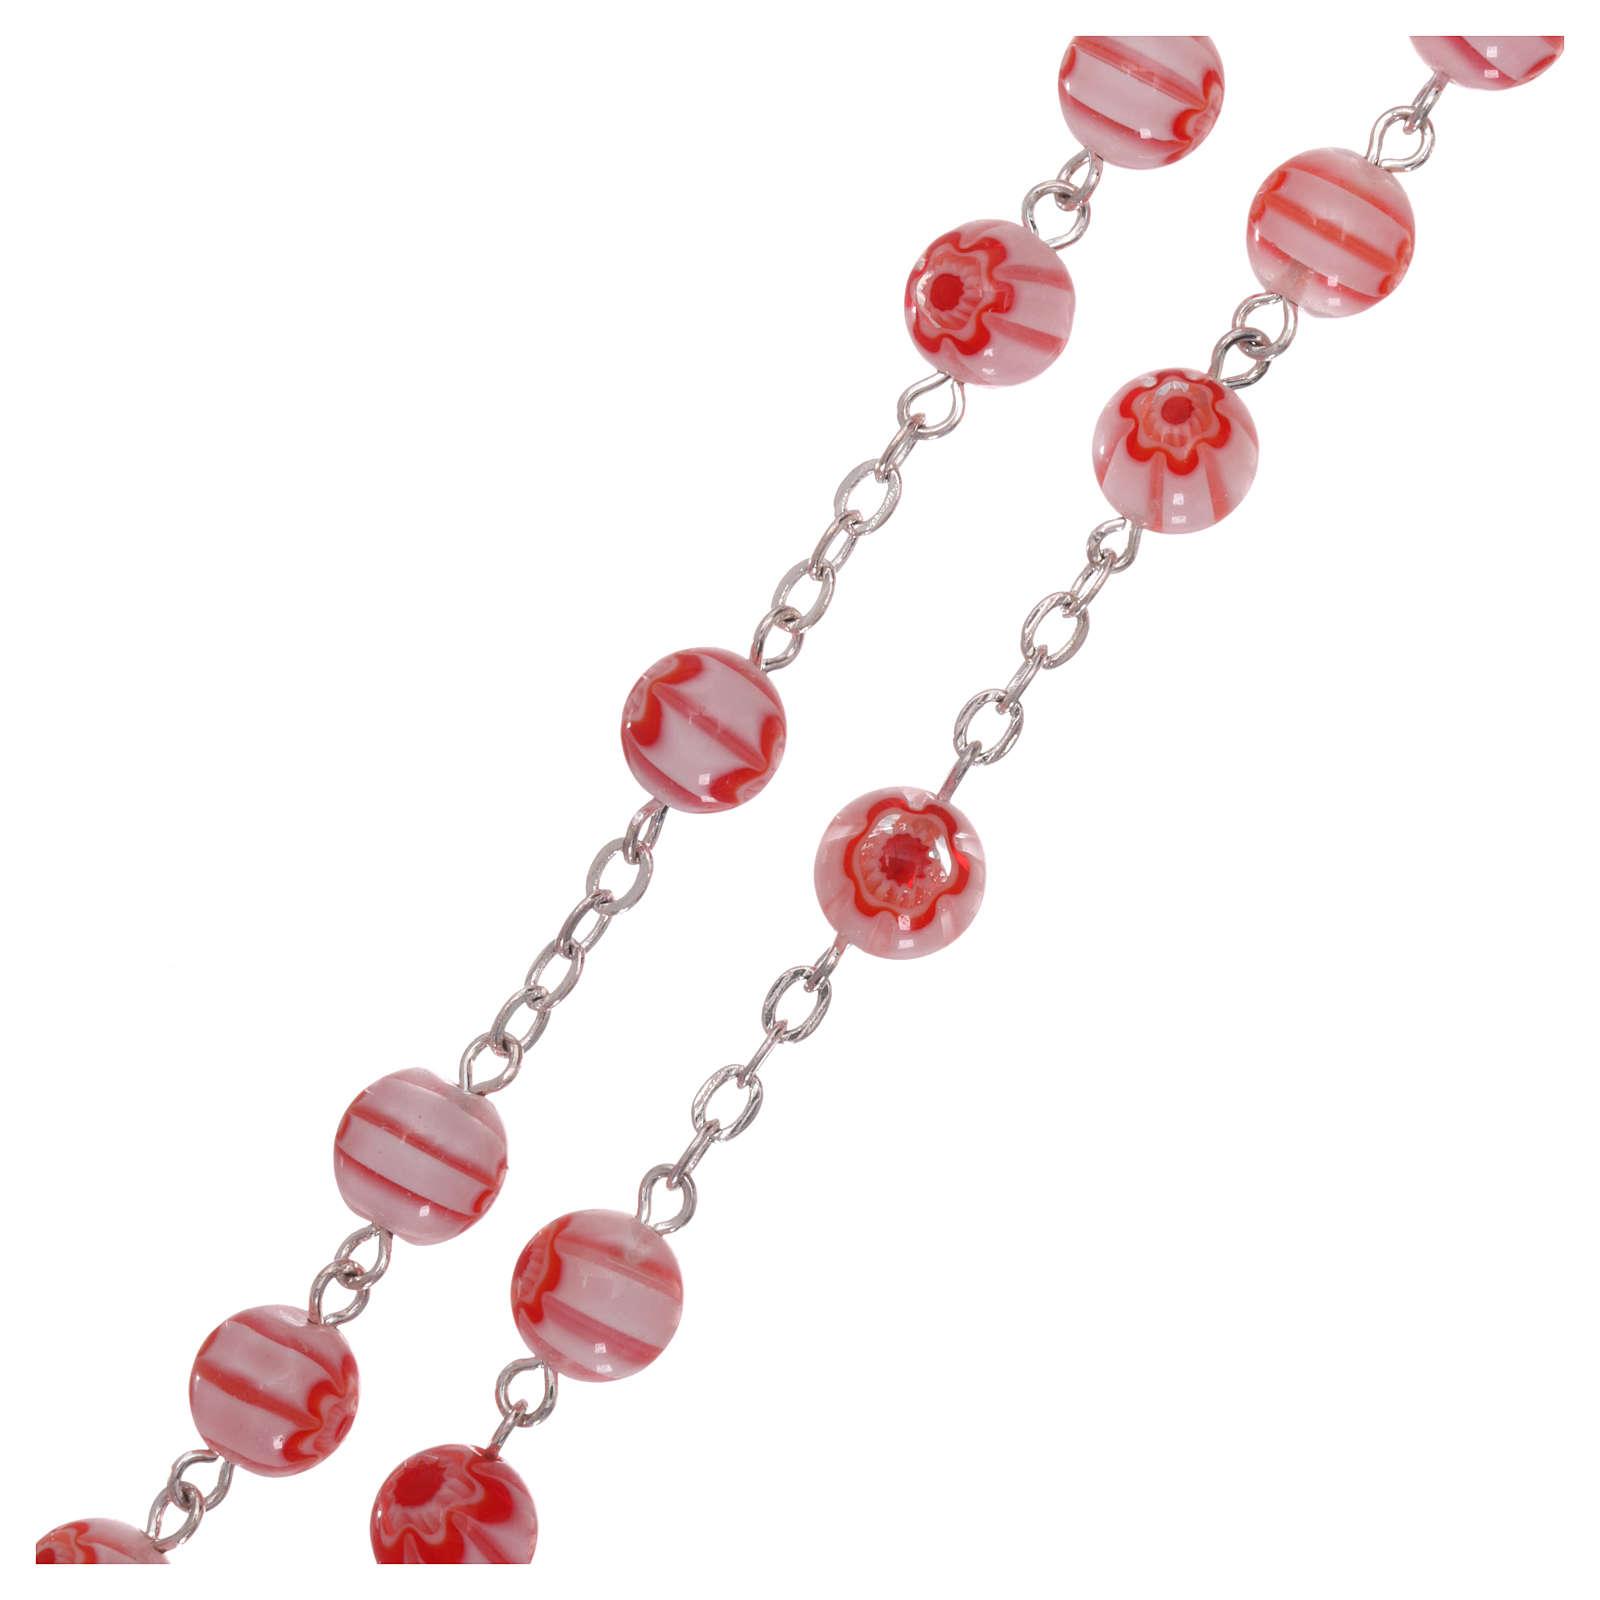 Chapelet en verre style Murrina couleur rose avec motifs floraux et rayures 8 mm 4